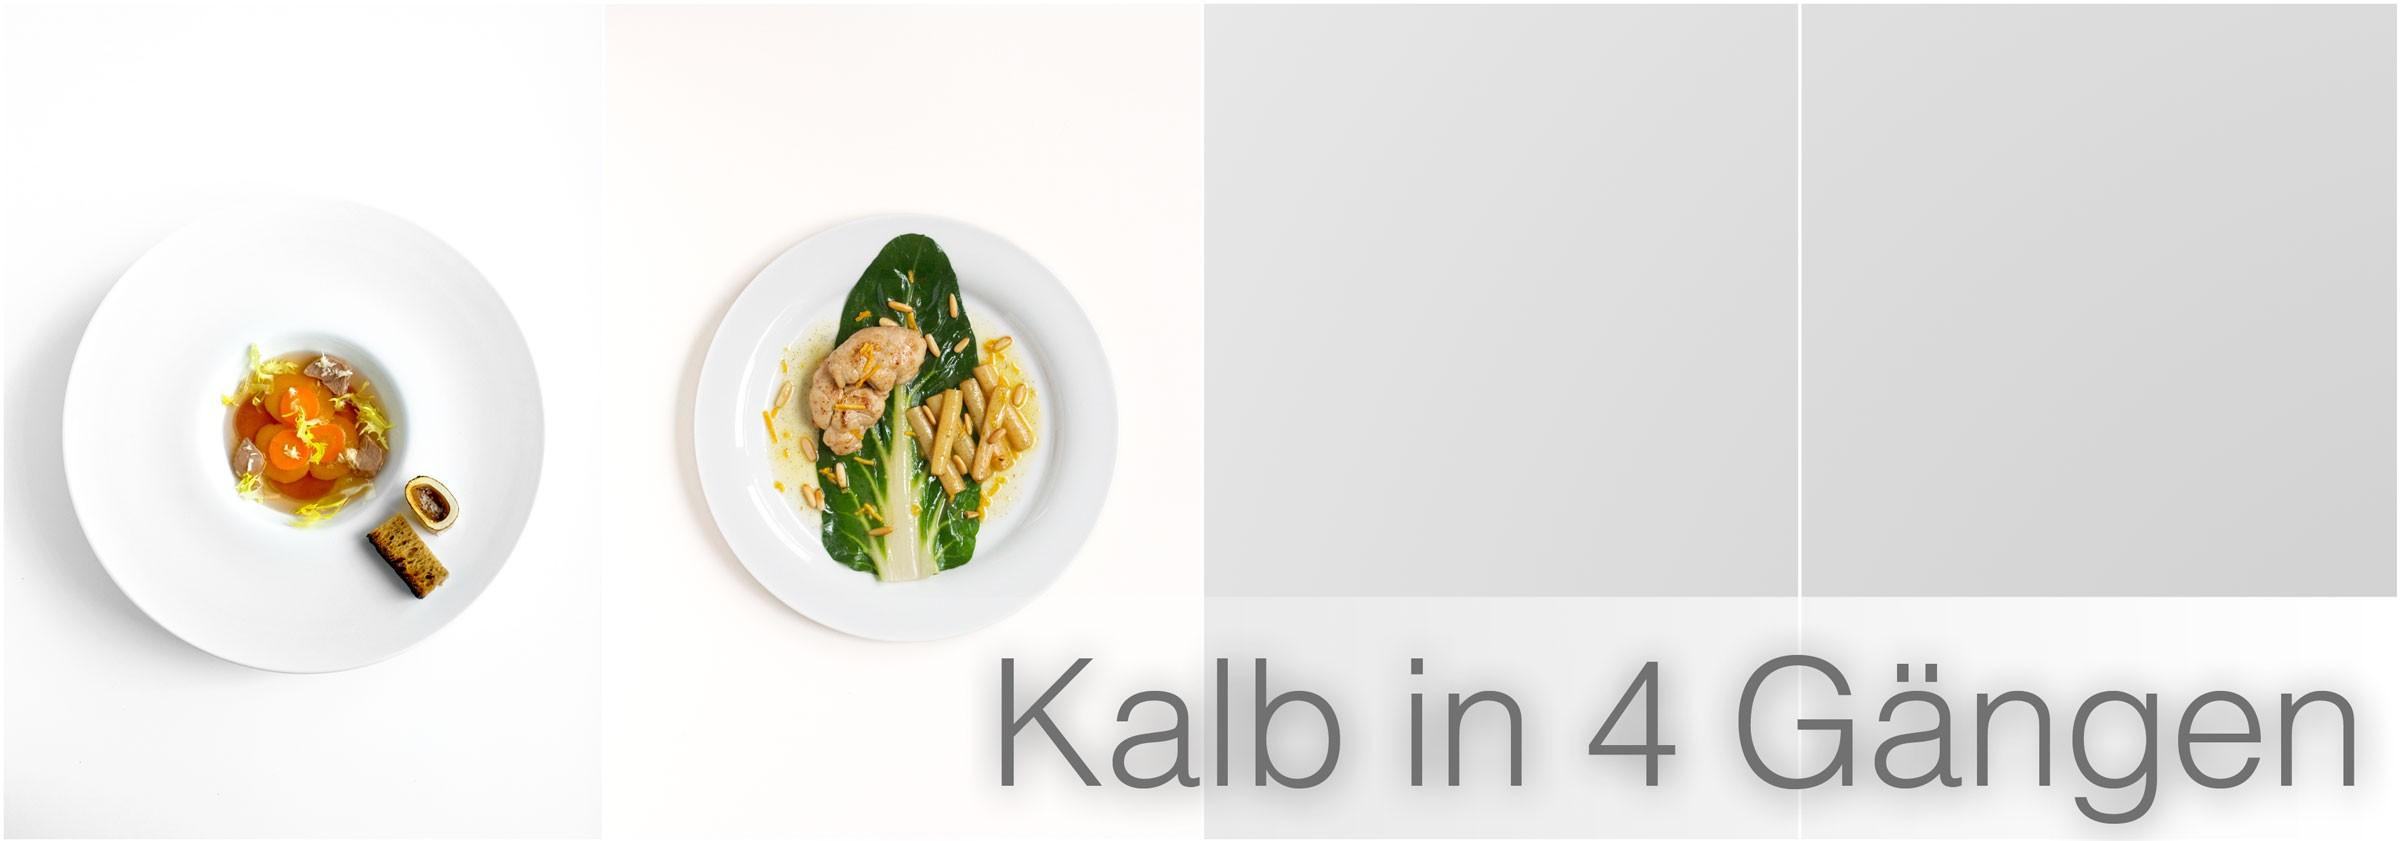 Kalb-in-4-Gängen-2